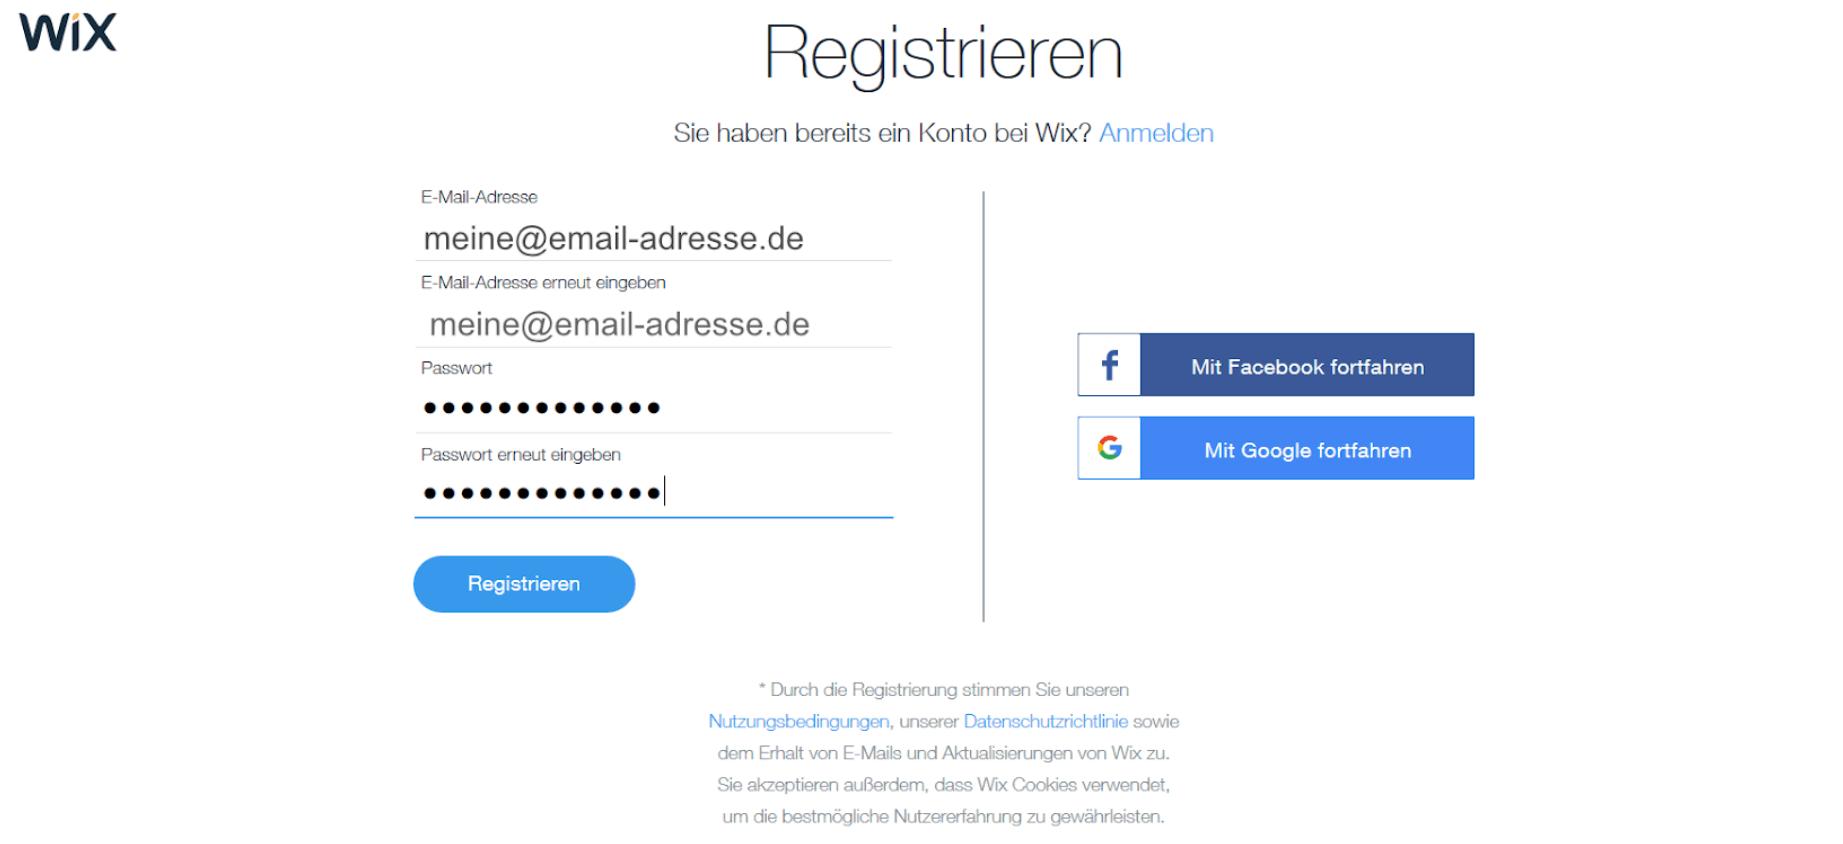 Professionelle Website erstellen mit Wix - Anleitung Schritt 2